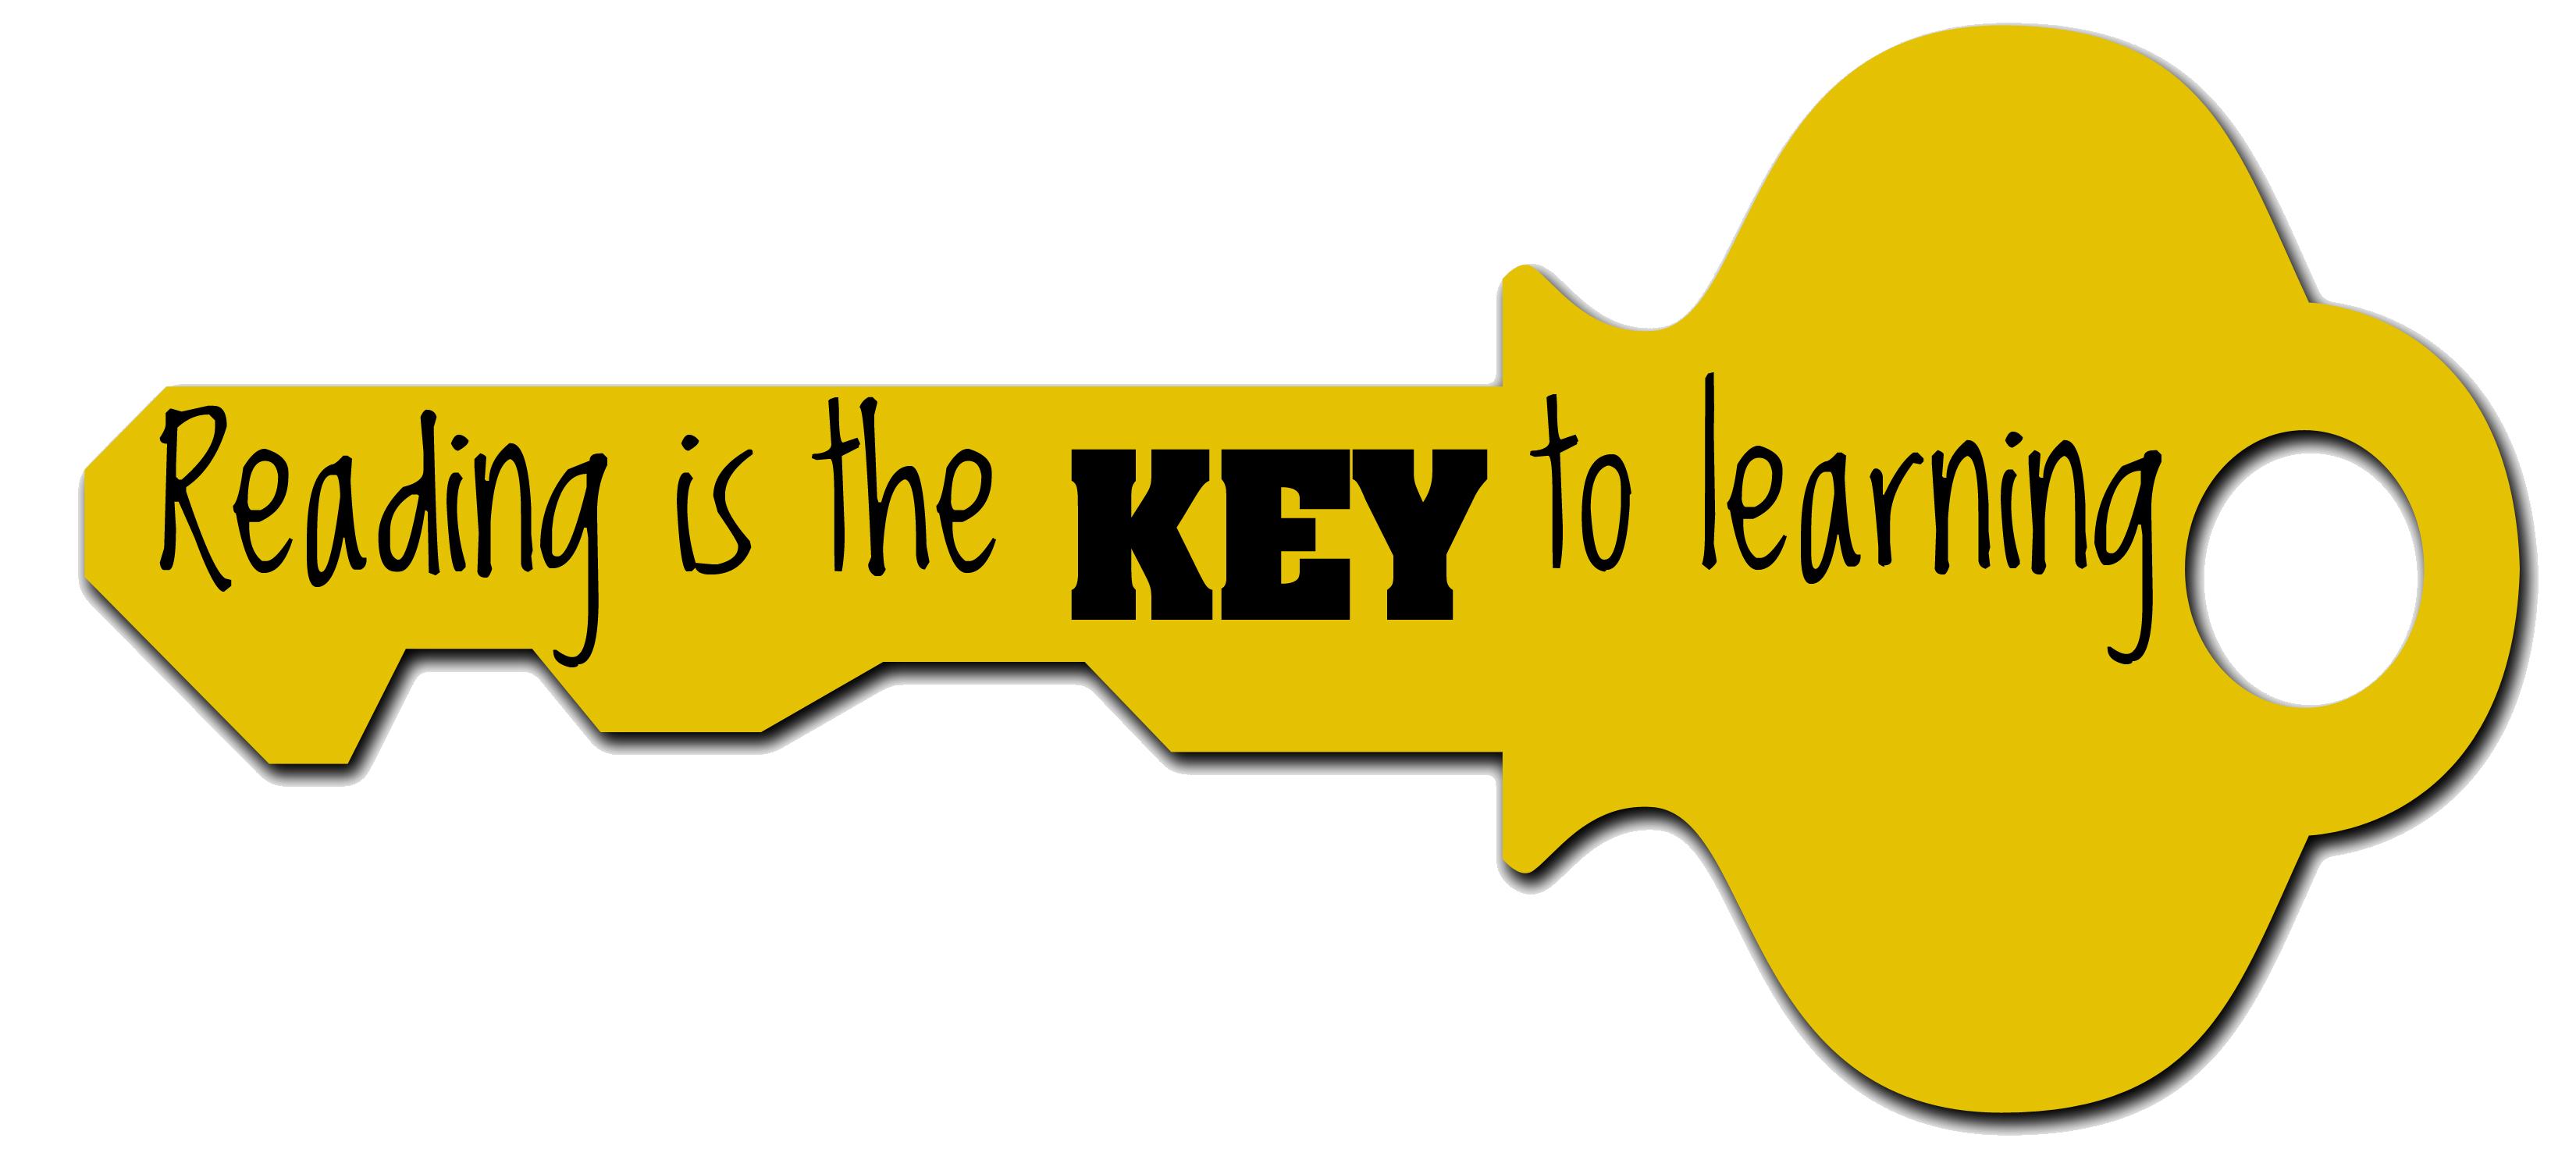 Key strategy